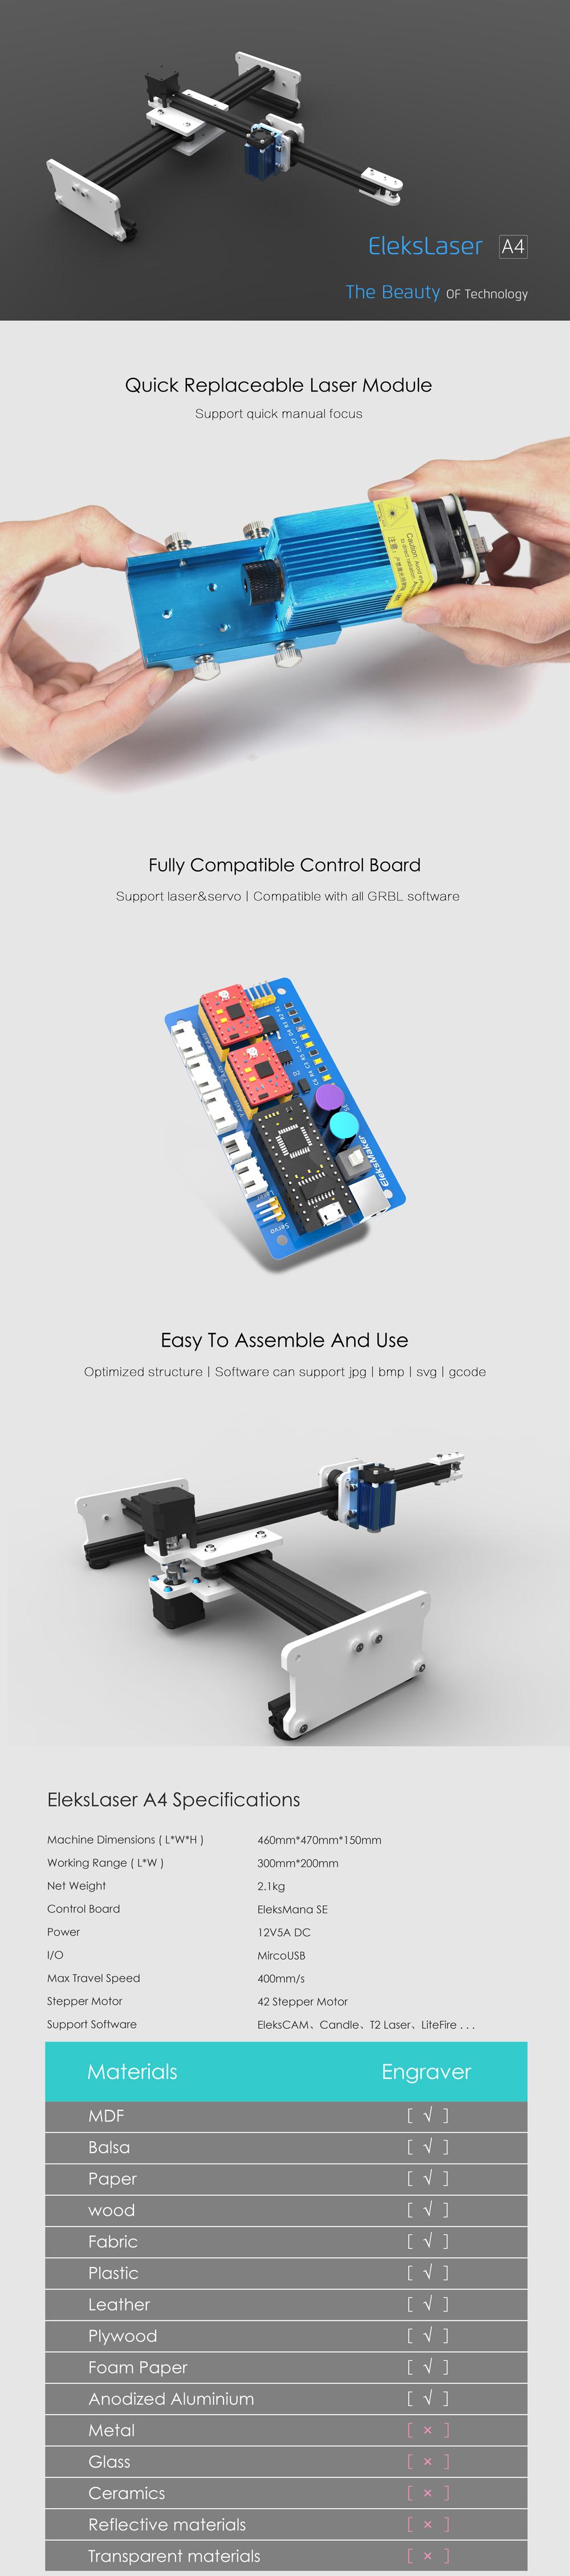 EleksMaker® EleksLaser A4 Laser Engraving Machine CNC Laser Printer Standard without Laser Moudule